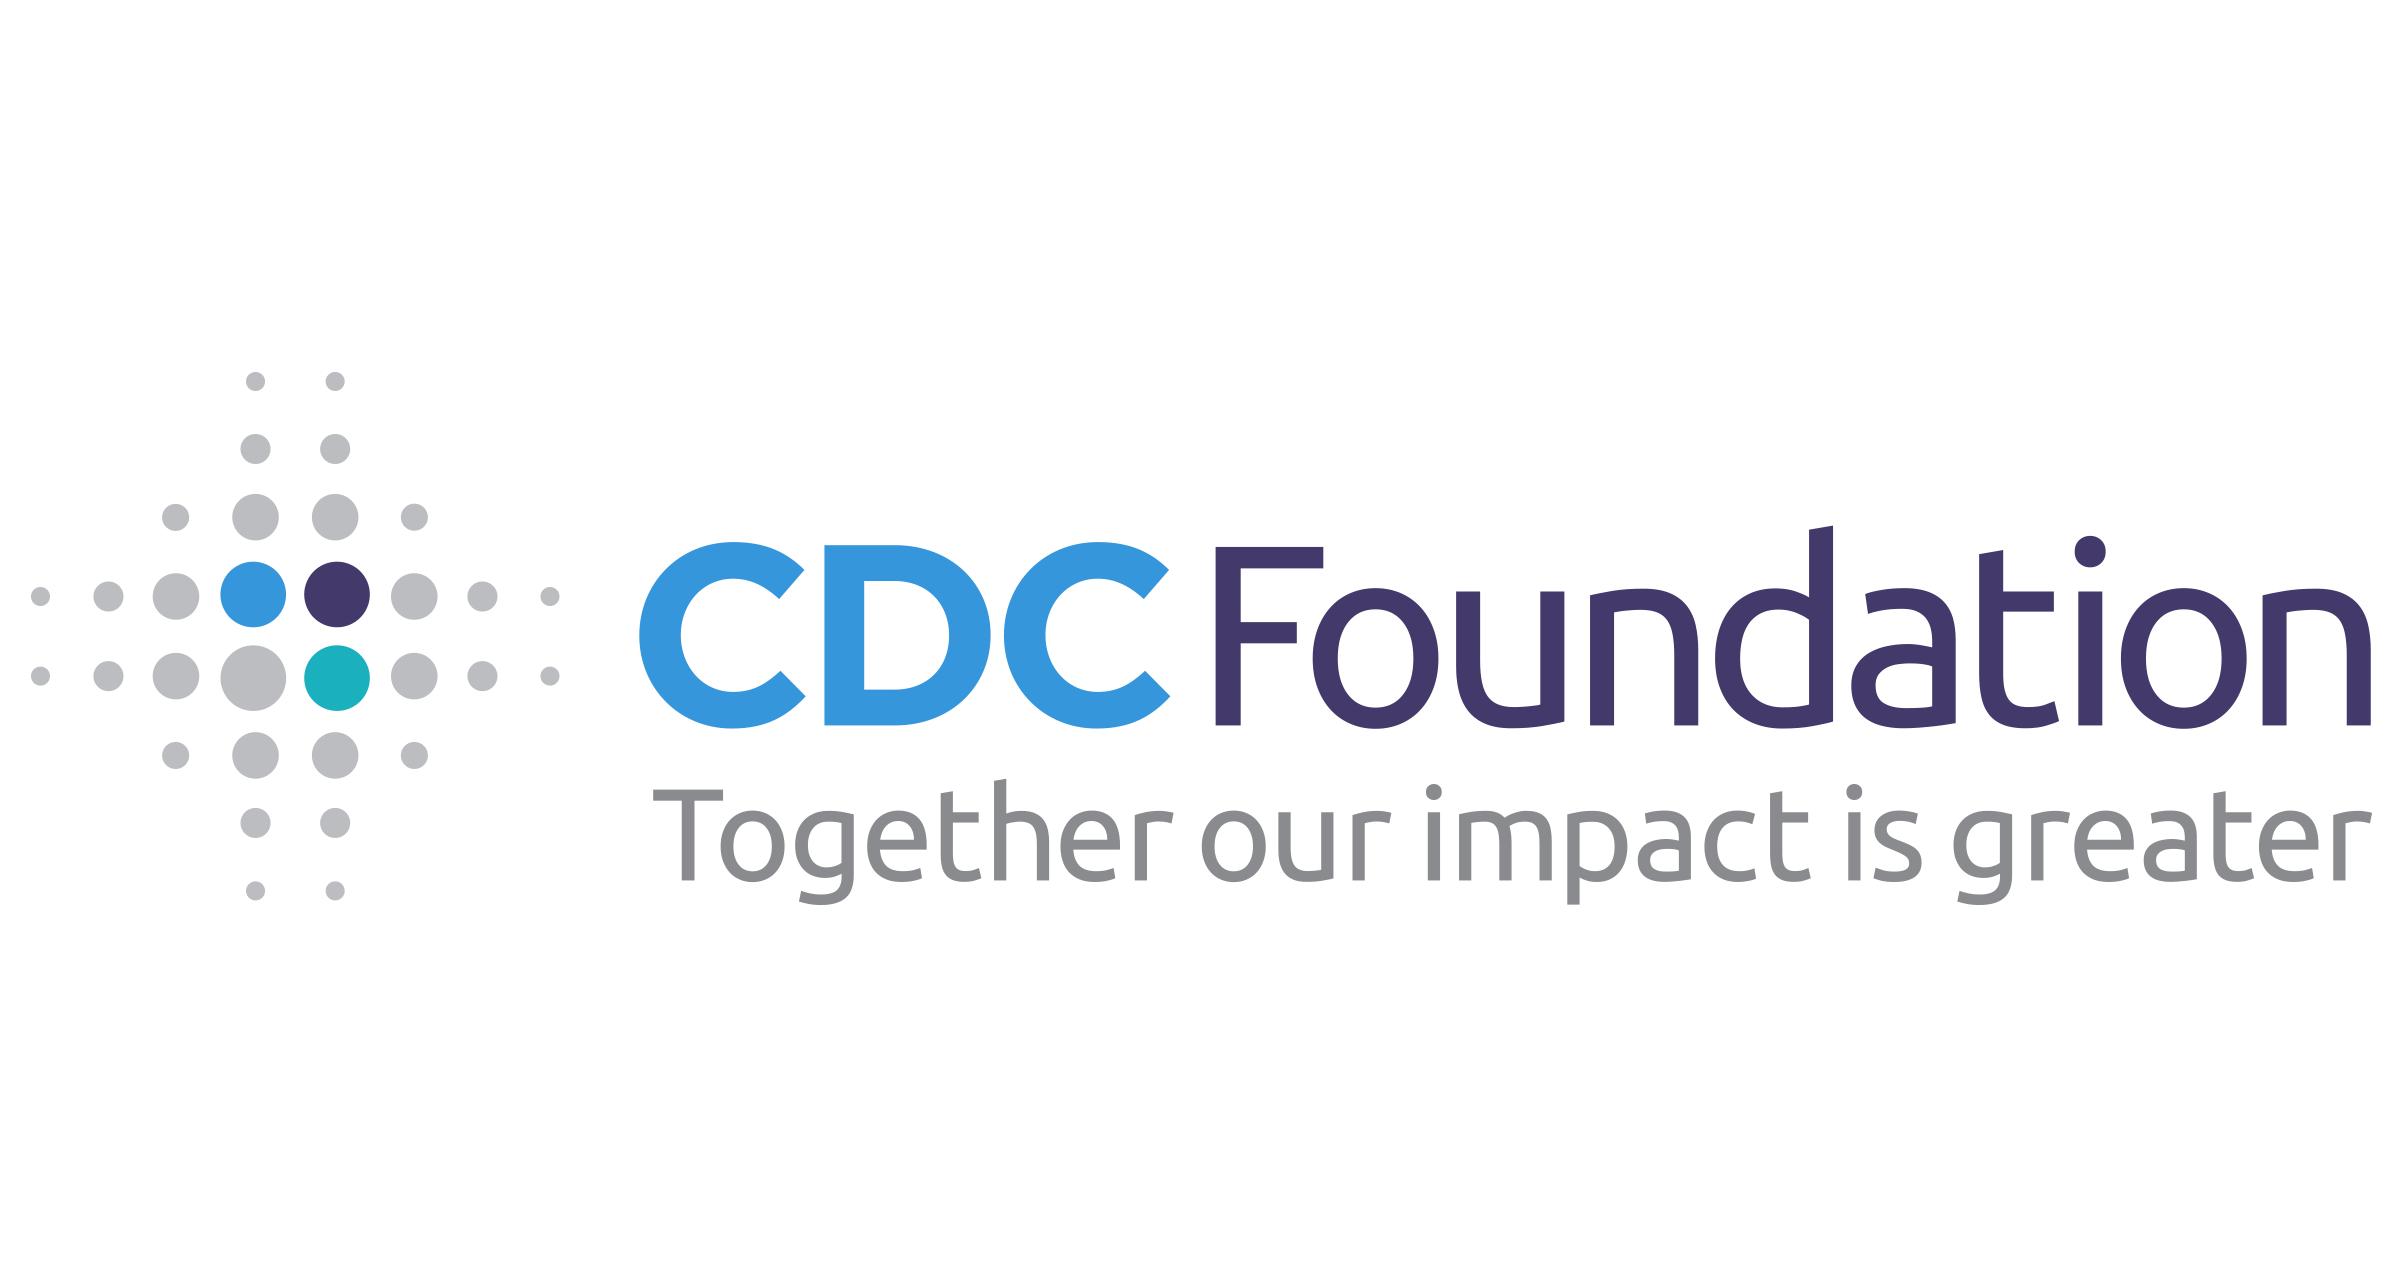 www.cdcfoundation.org